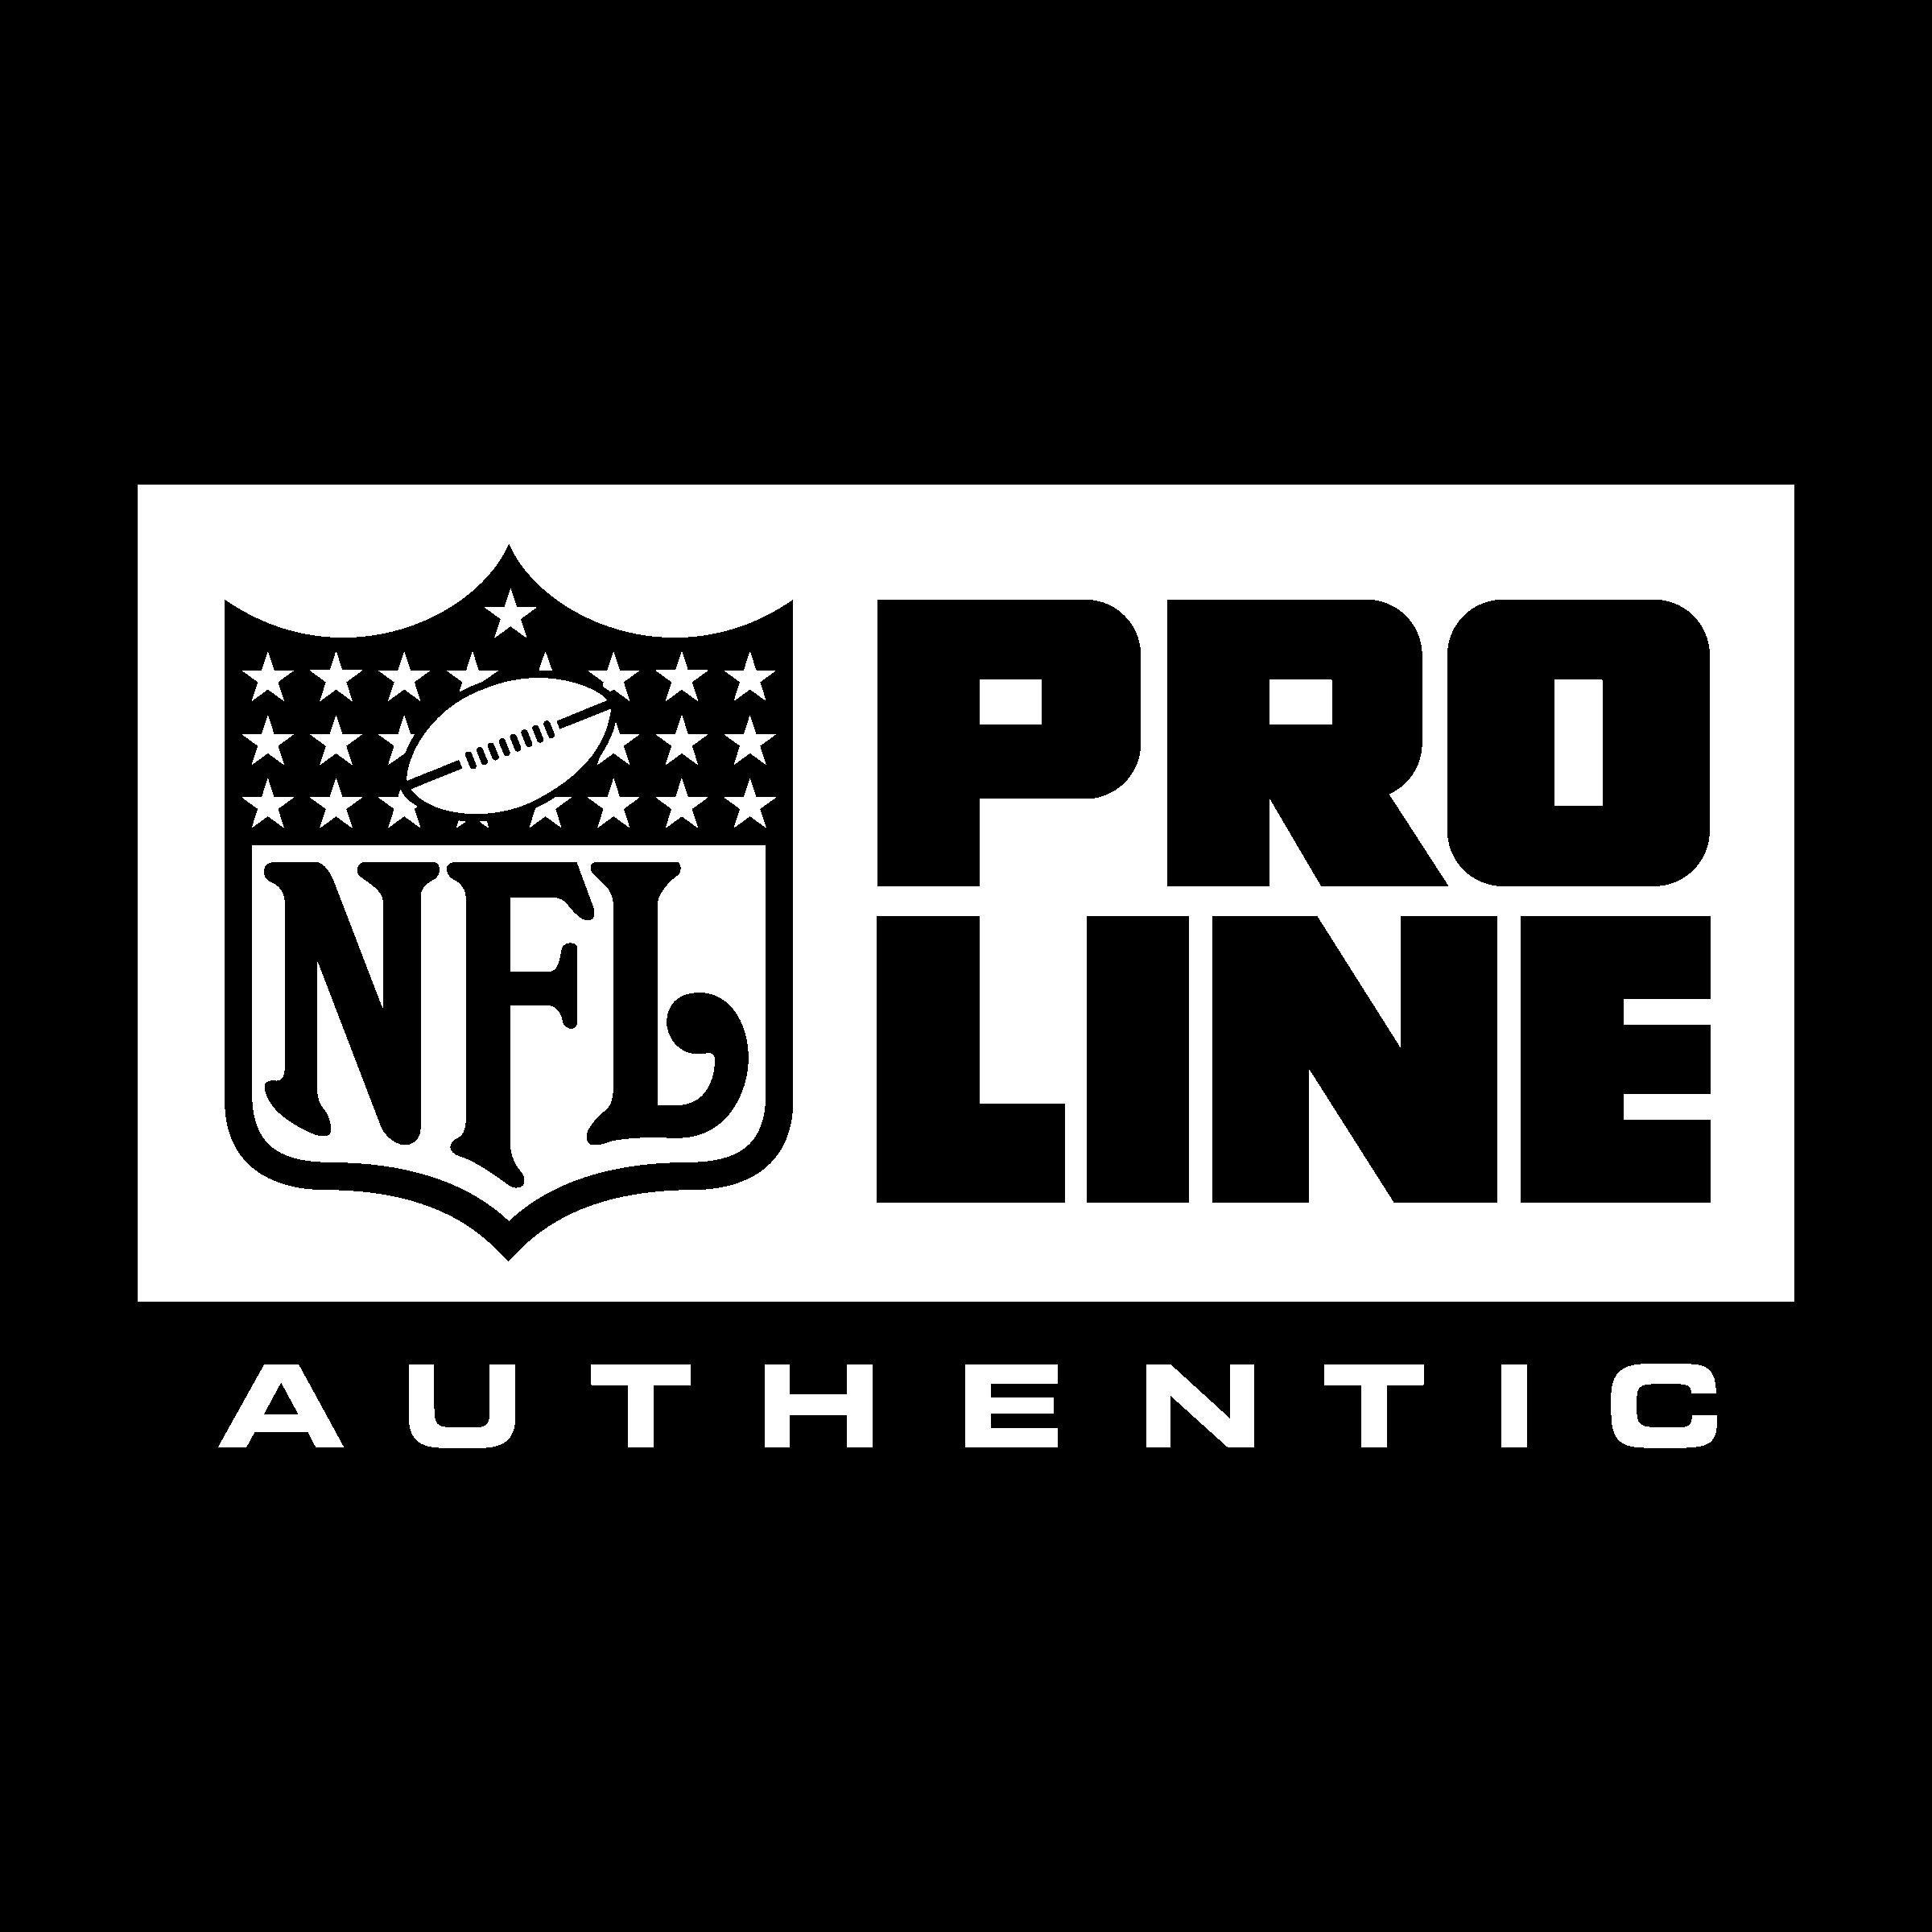 Pro Line Authentic Logo PNG Transparent & SVG Vector.